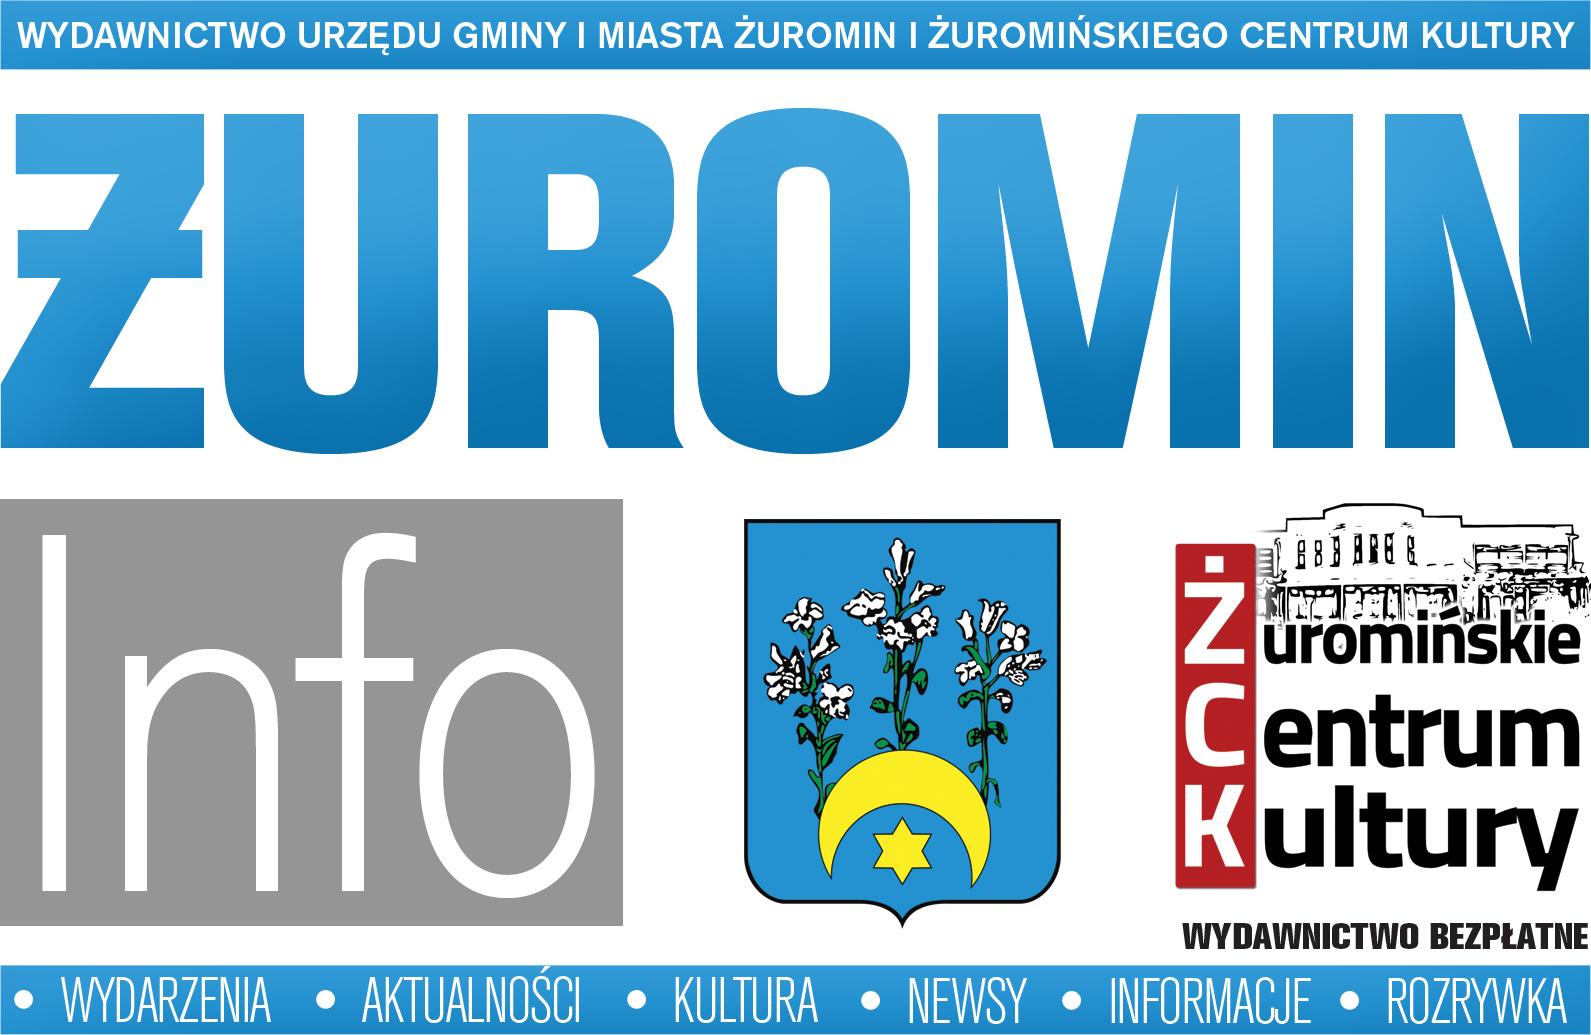 zuromin.info